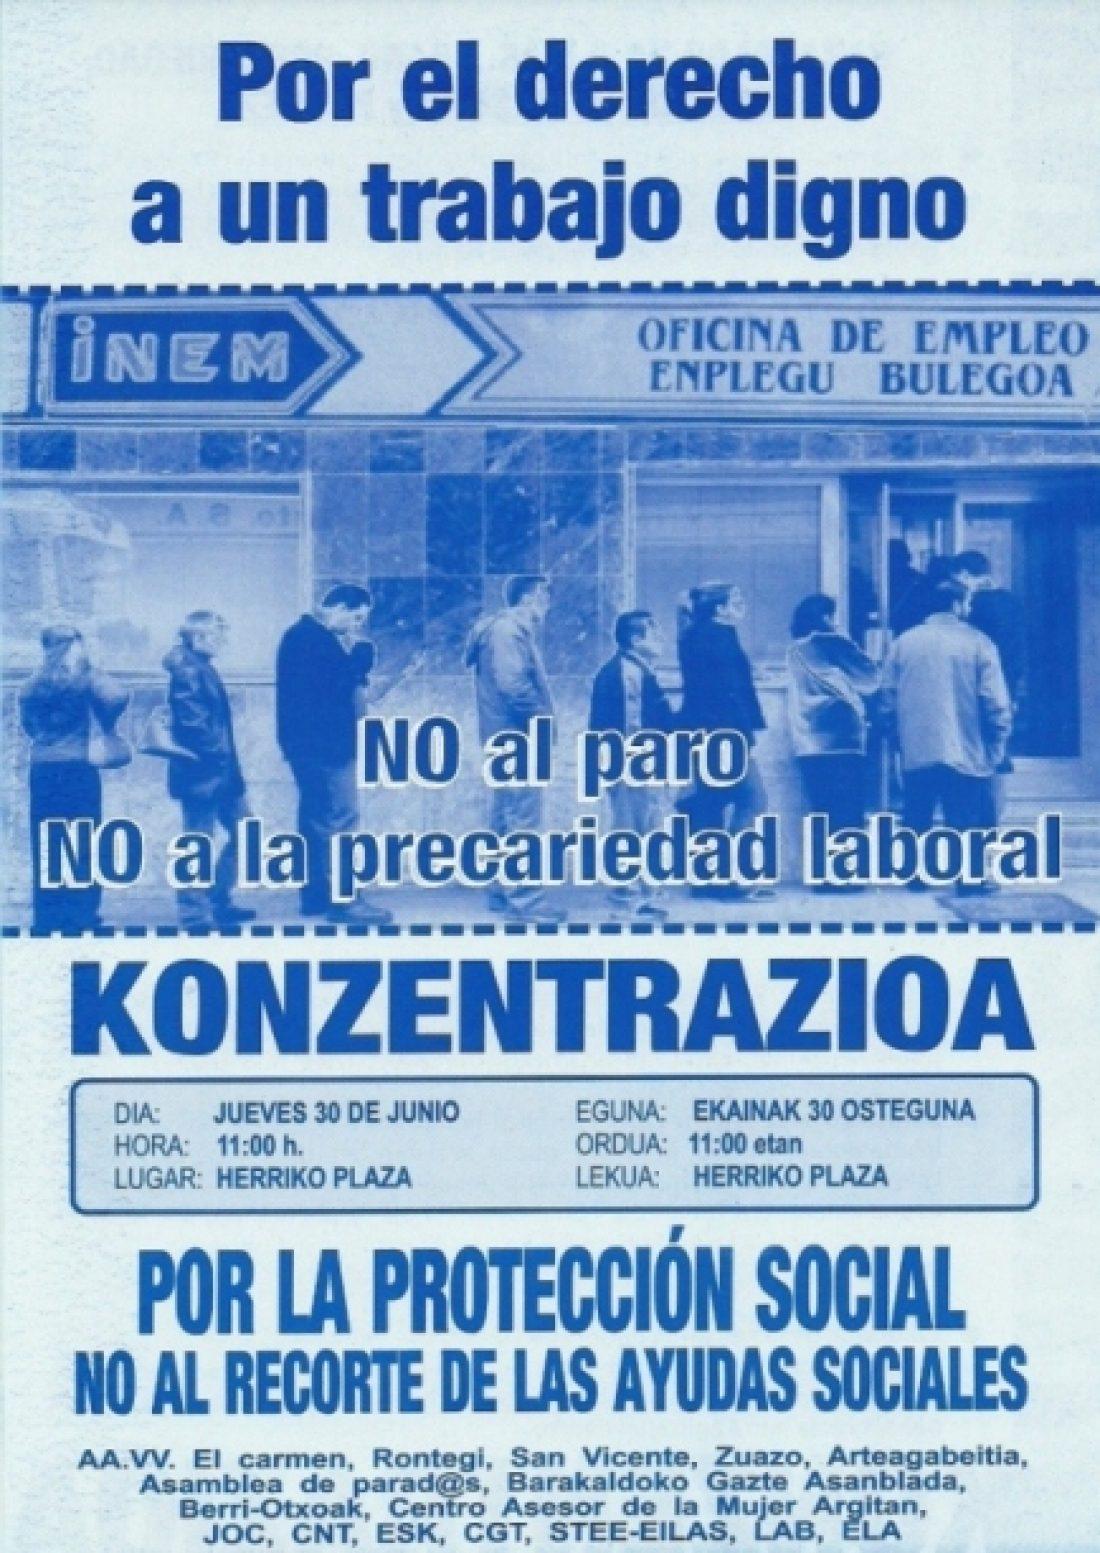 Barakaldo, 30 de junio: Concentración contra la ola de despidos